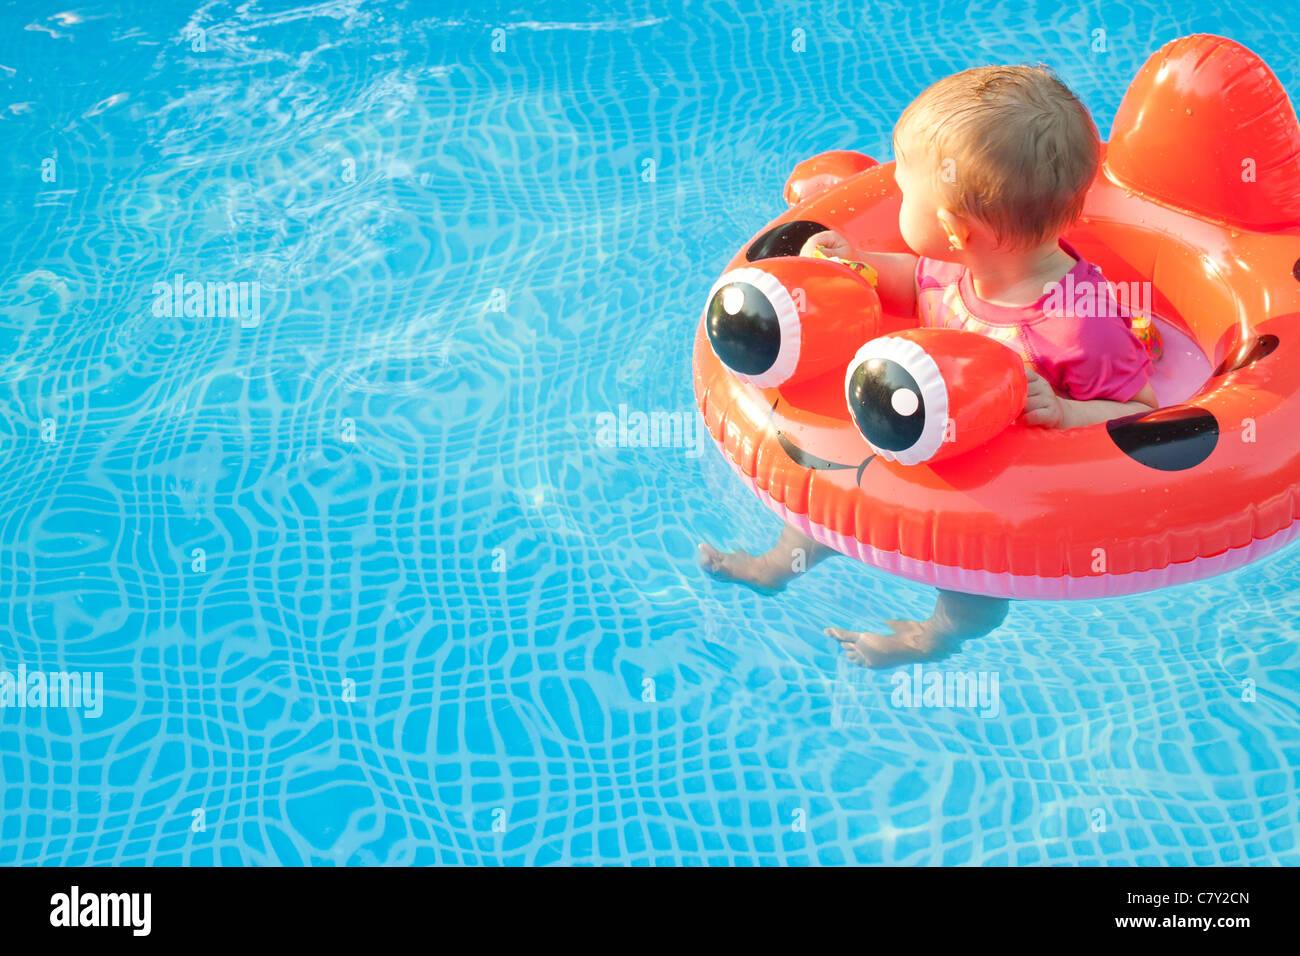 Niño pequeño dispositivo de flotación mirando a otro lado mientras flota en una piscina solo Imagen De Stock